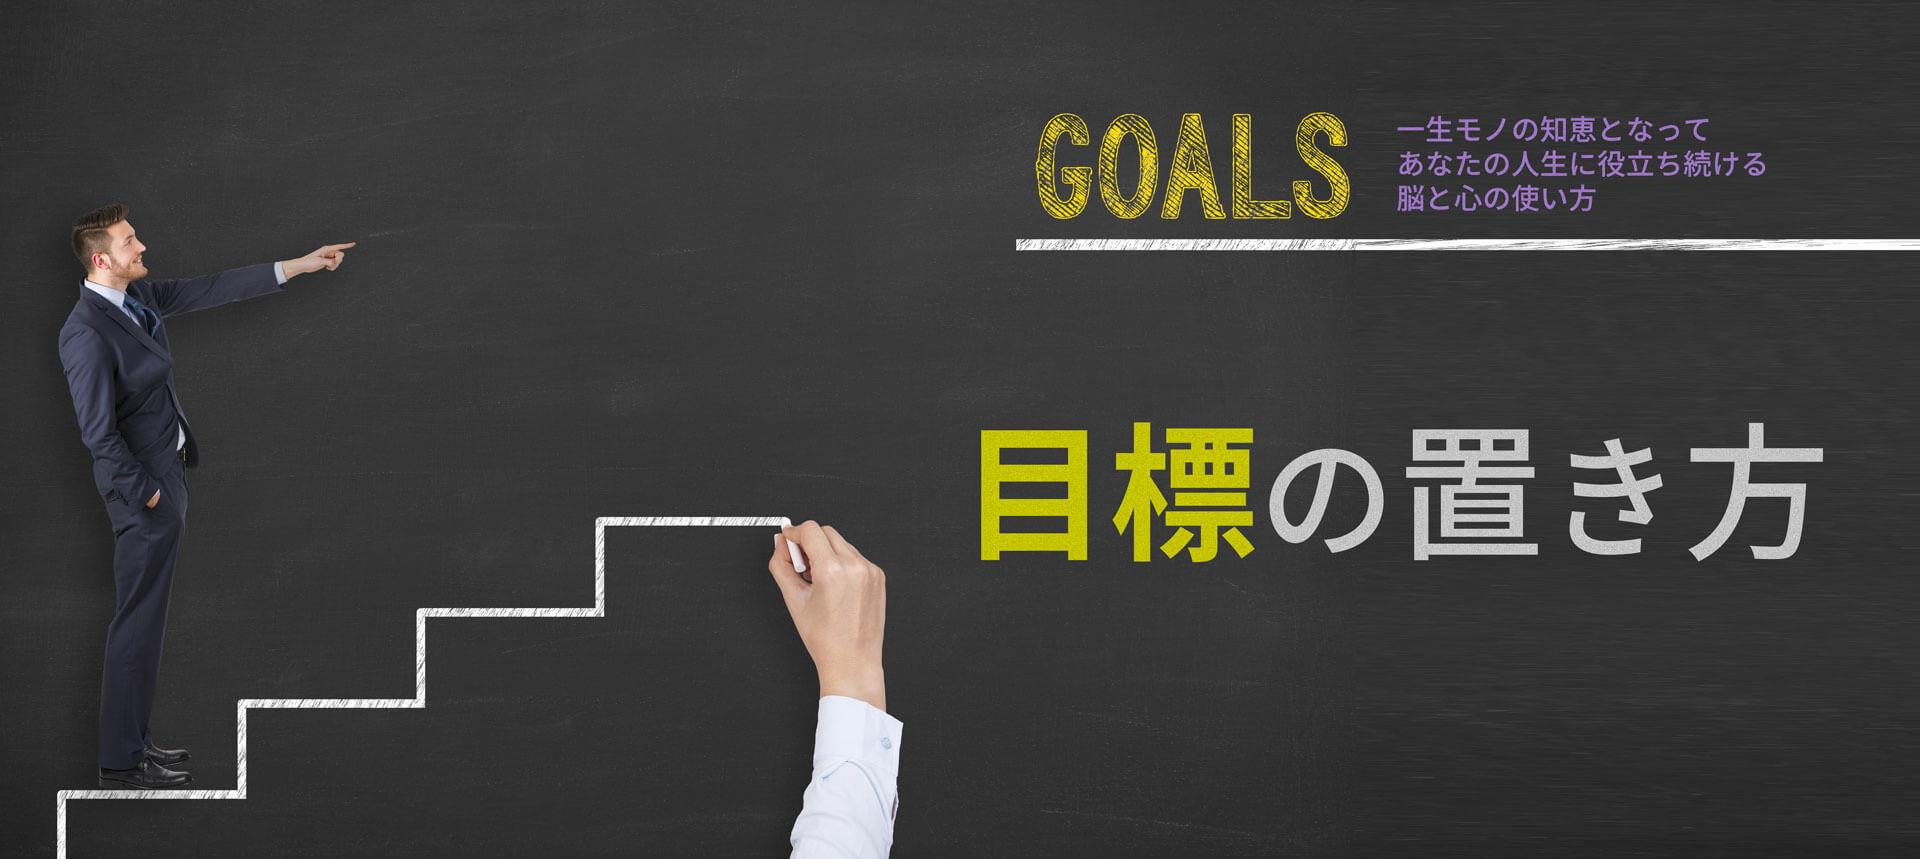 目標の置き方